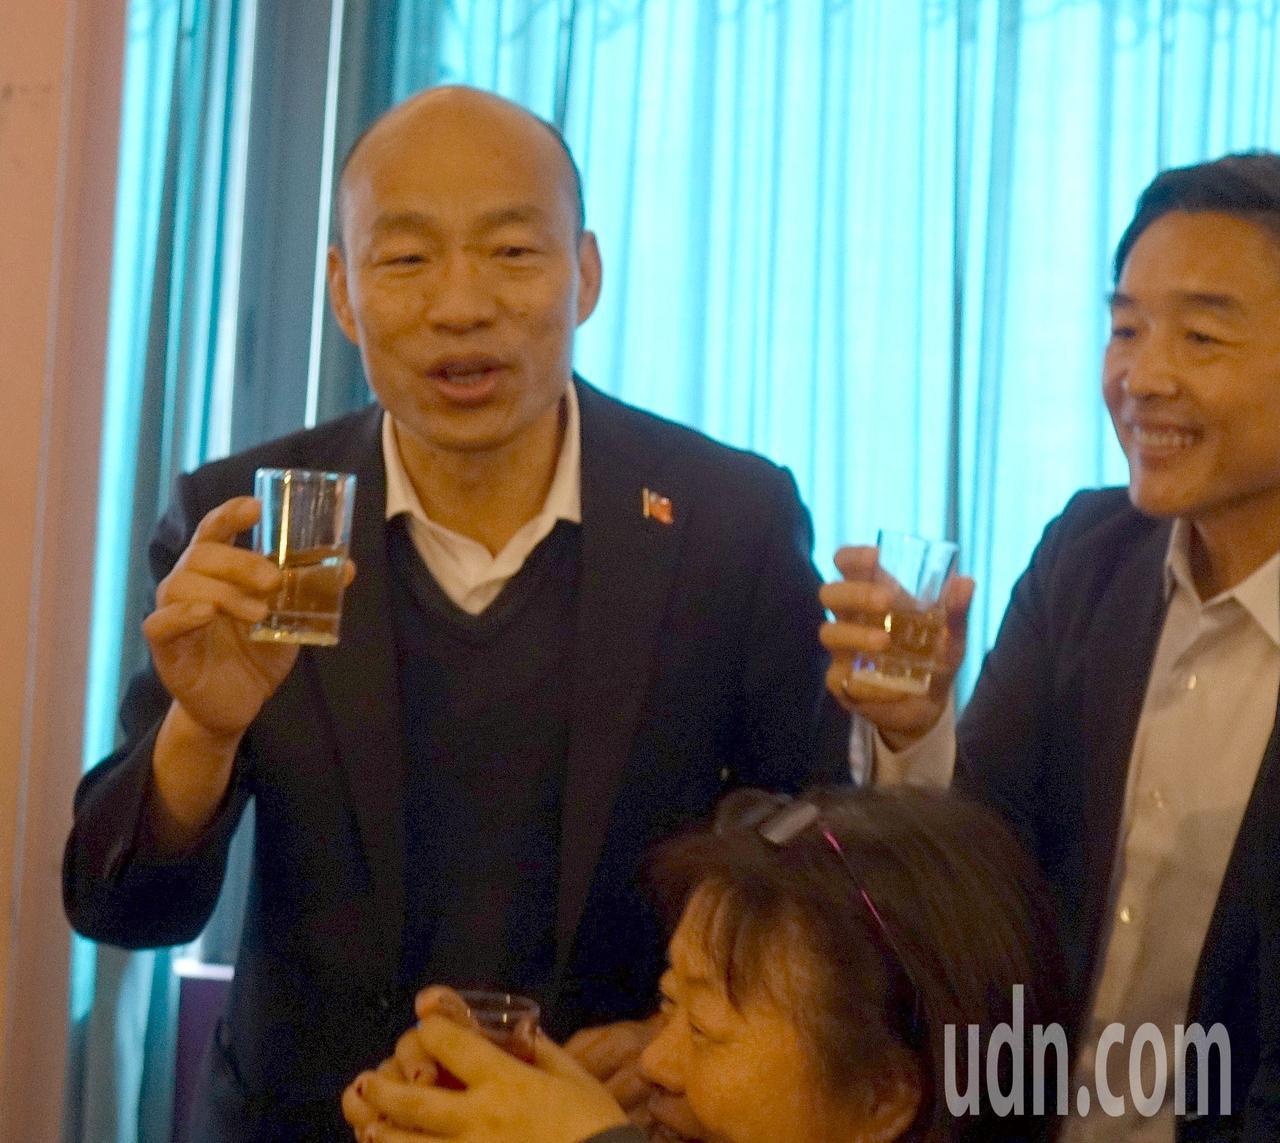 高雄市長韓國瑜(站立左)今天參加高雄市獨居老人圍爐,以熱茶代酒, 逐桌祝與會長輩...